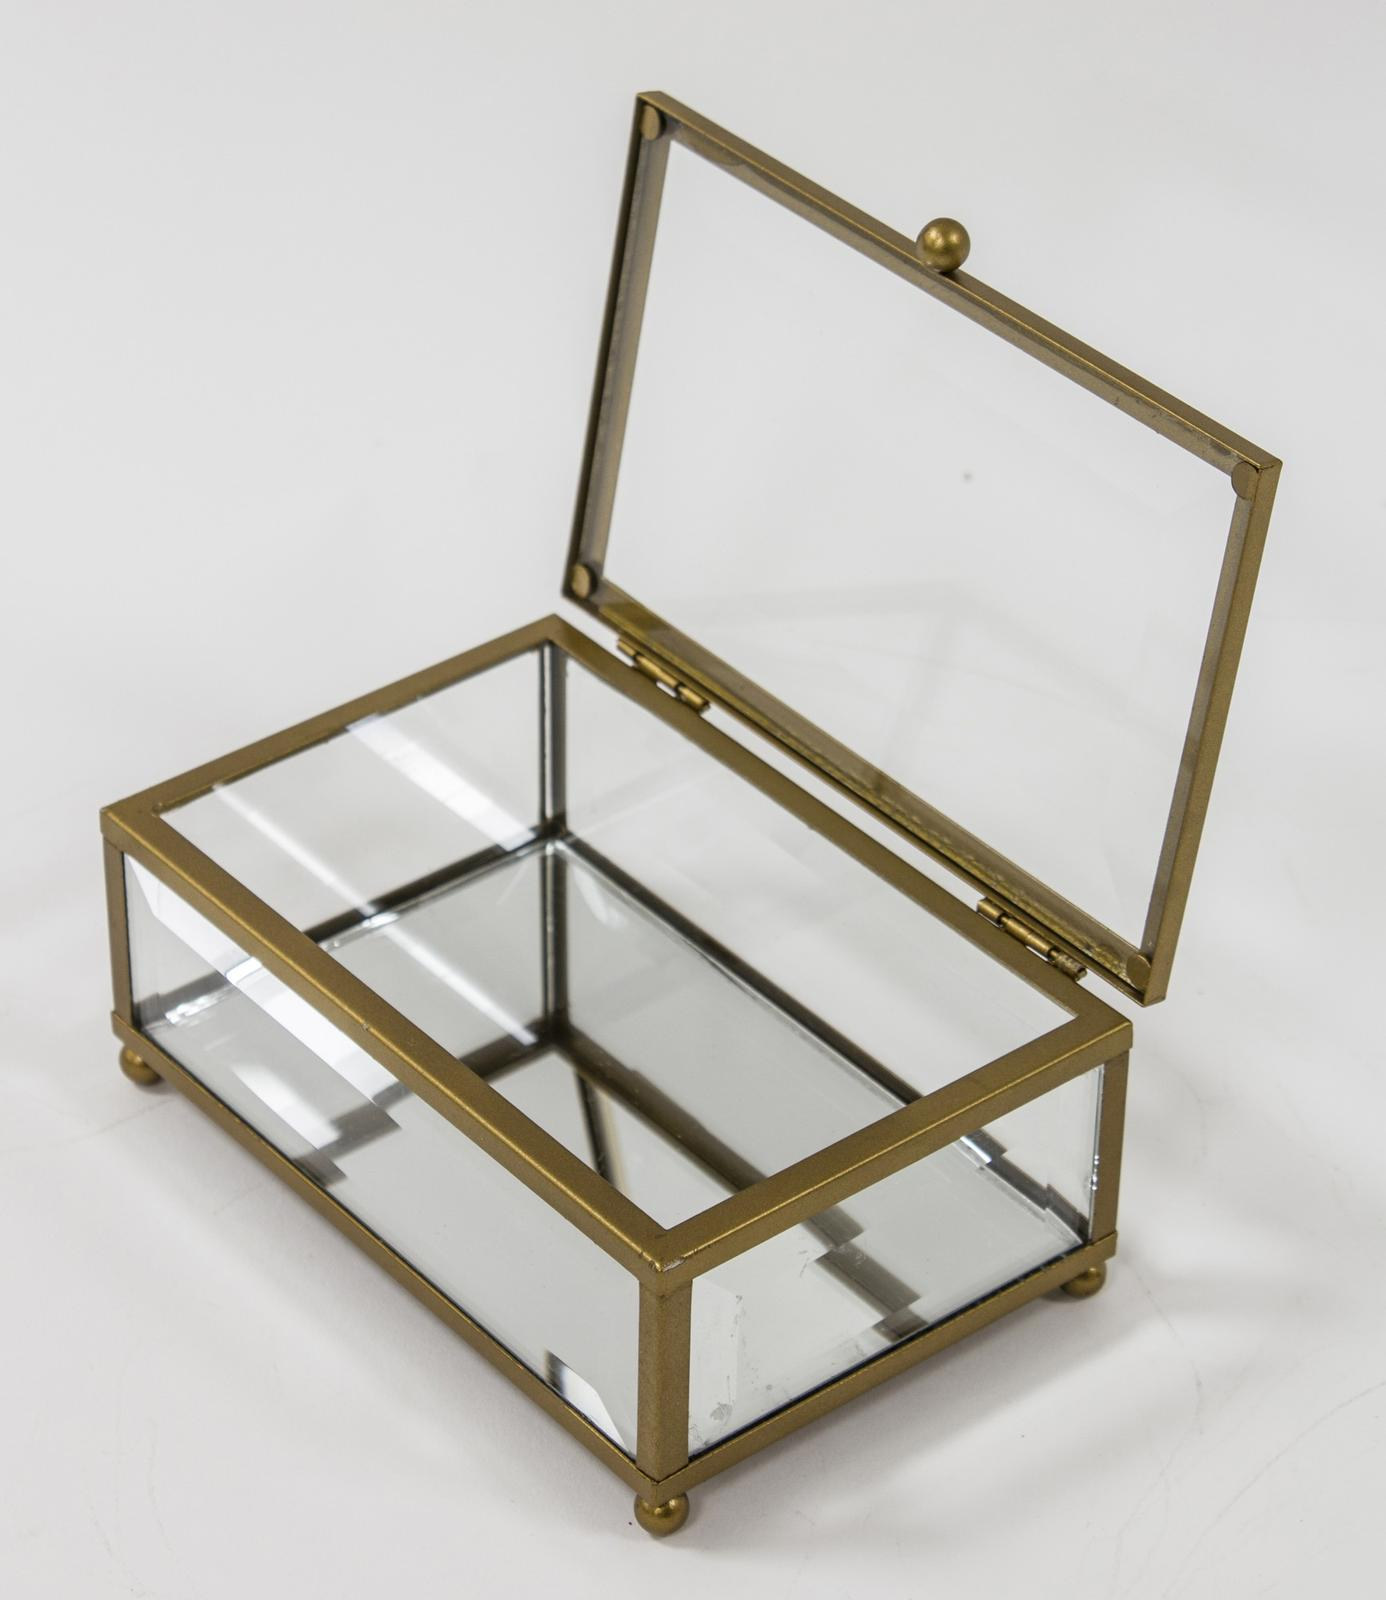 Zlatá truhlička (prenájom) - Obrázok č. 1